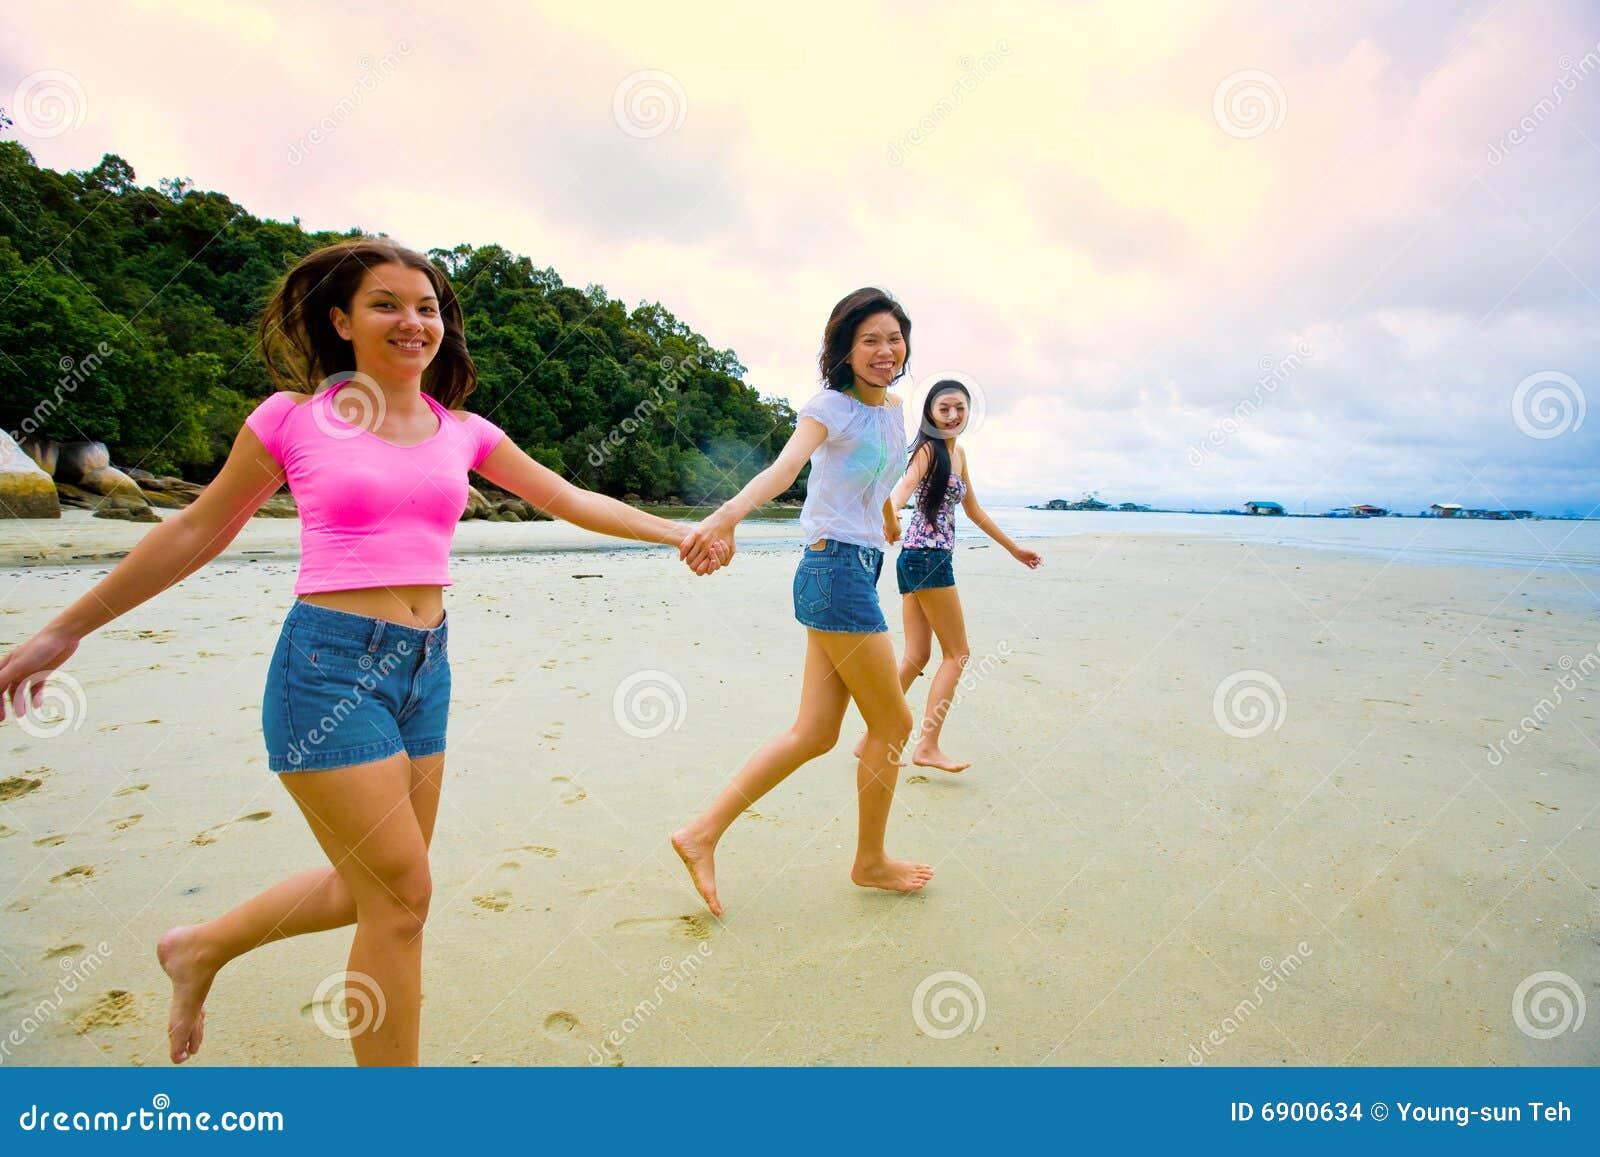 girl gives handjob at nude beach